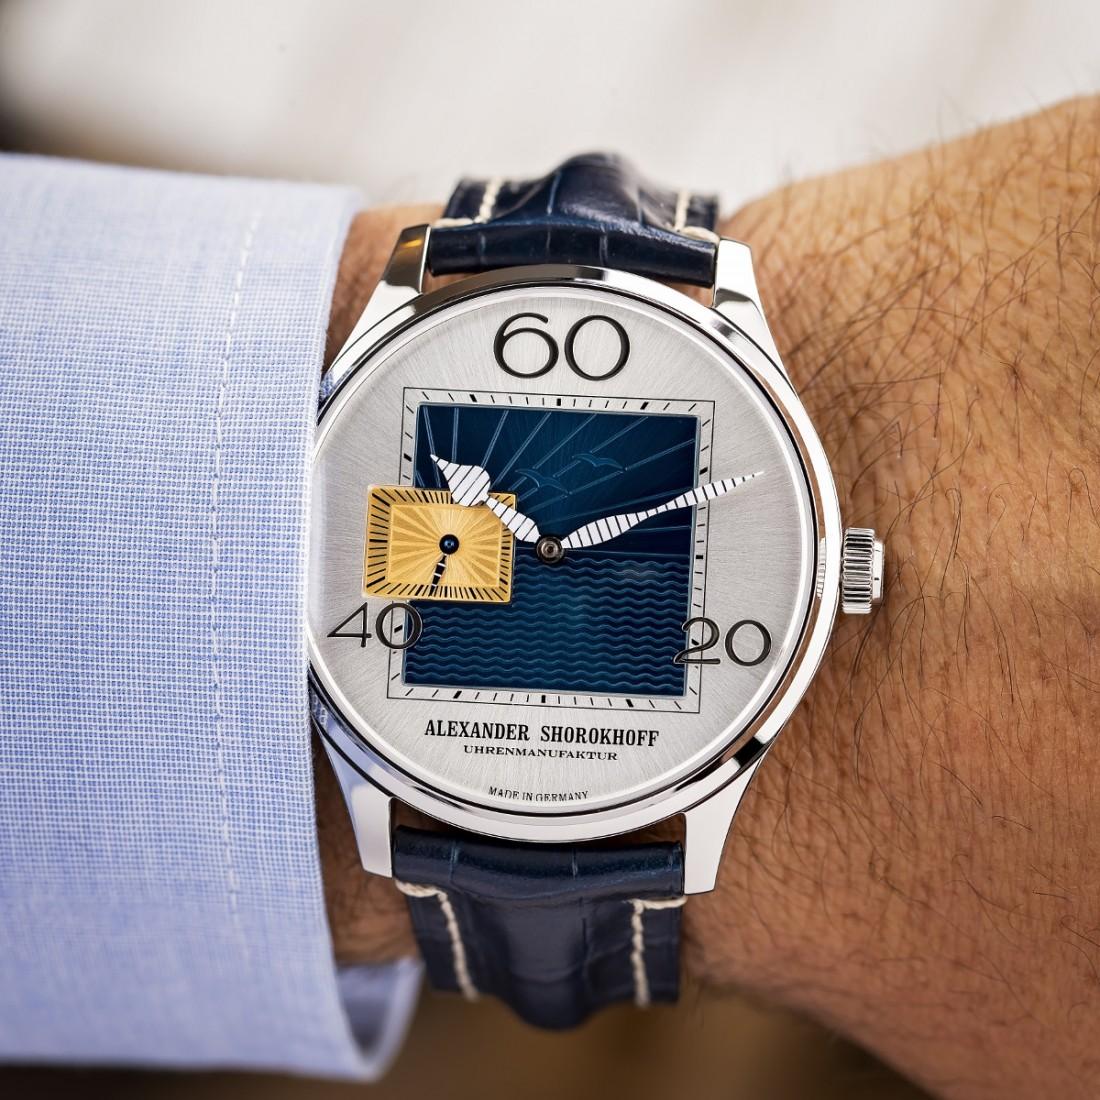 Alexander Shorokhoff Newport Watch 9AS Image copyright Ty Maciejewski